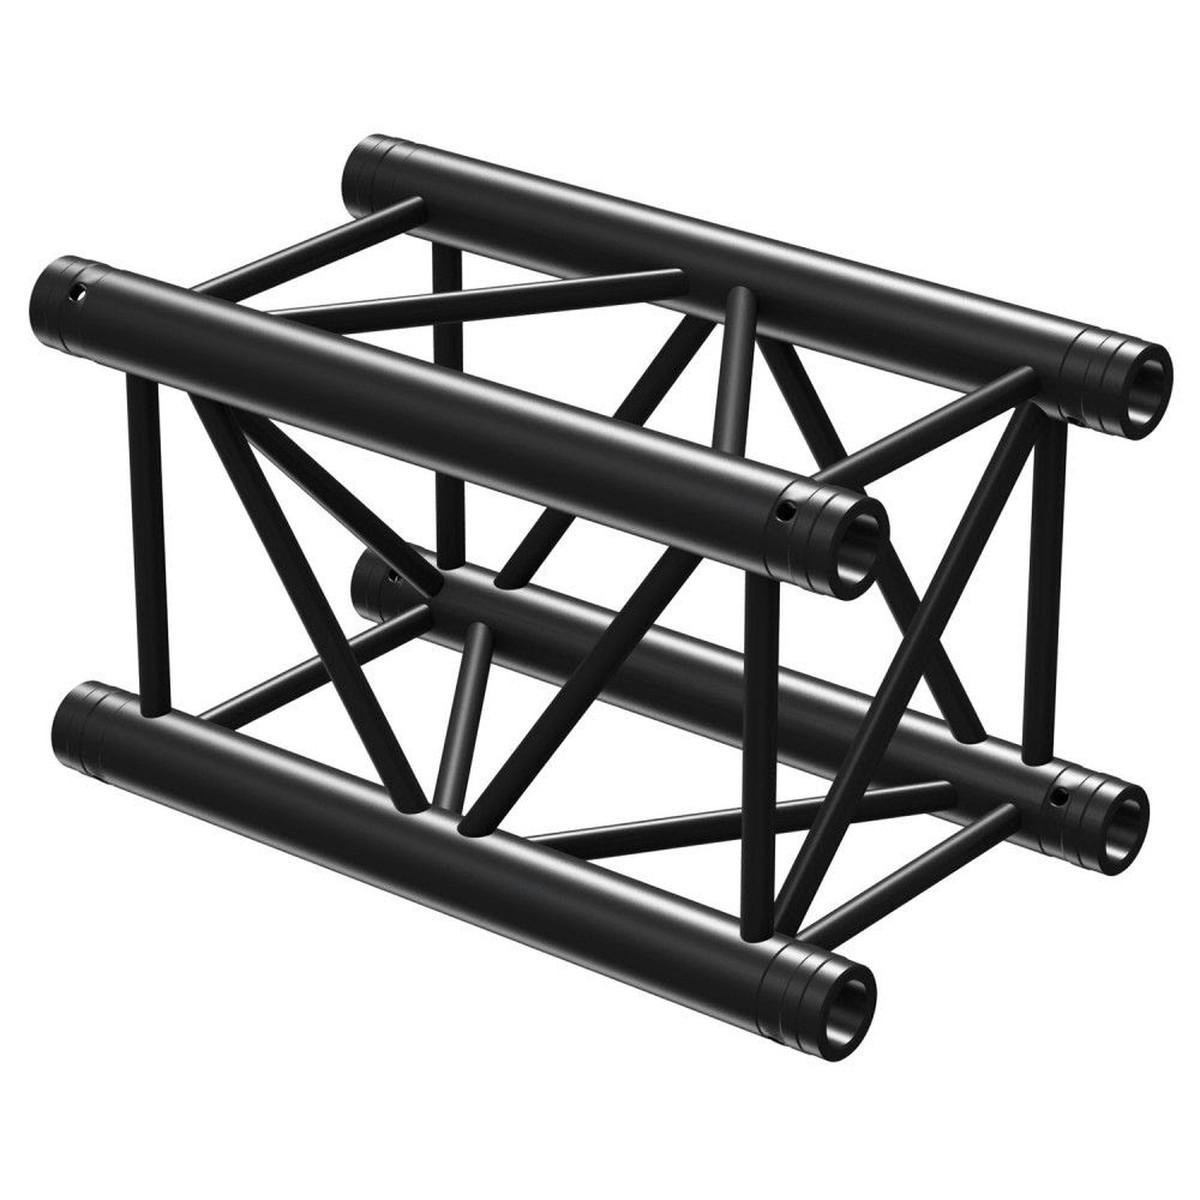 100x brand new professional stage truss quad truss black finish essex